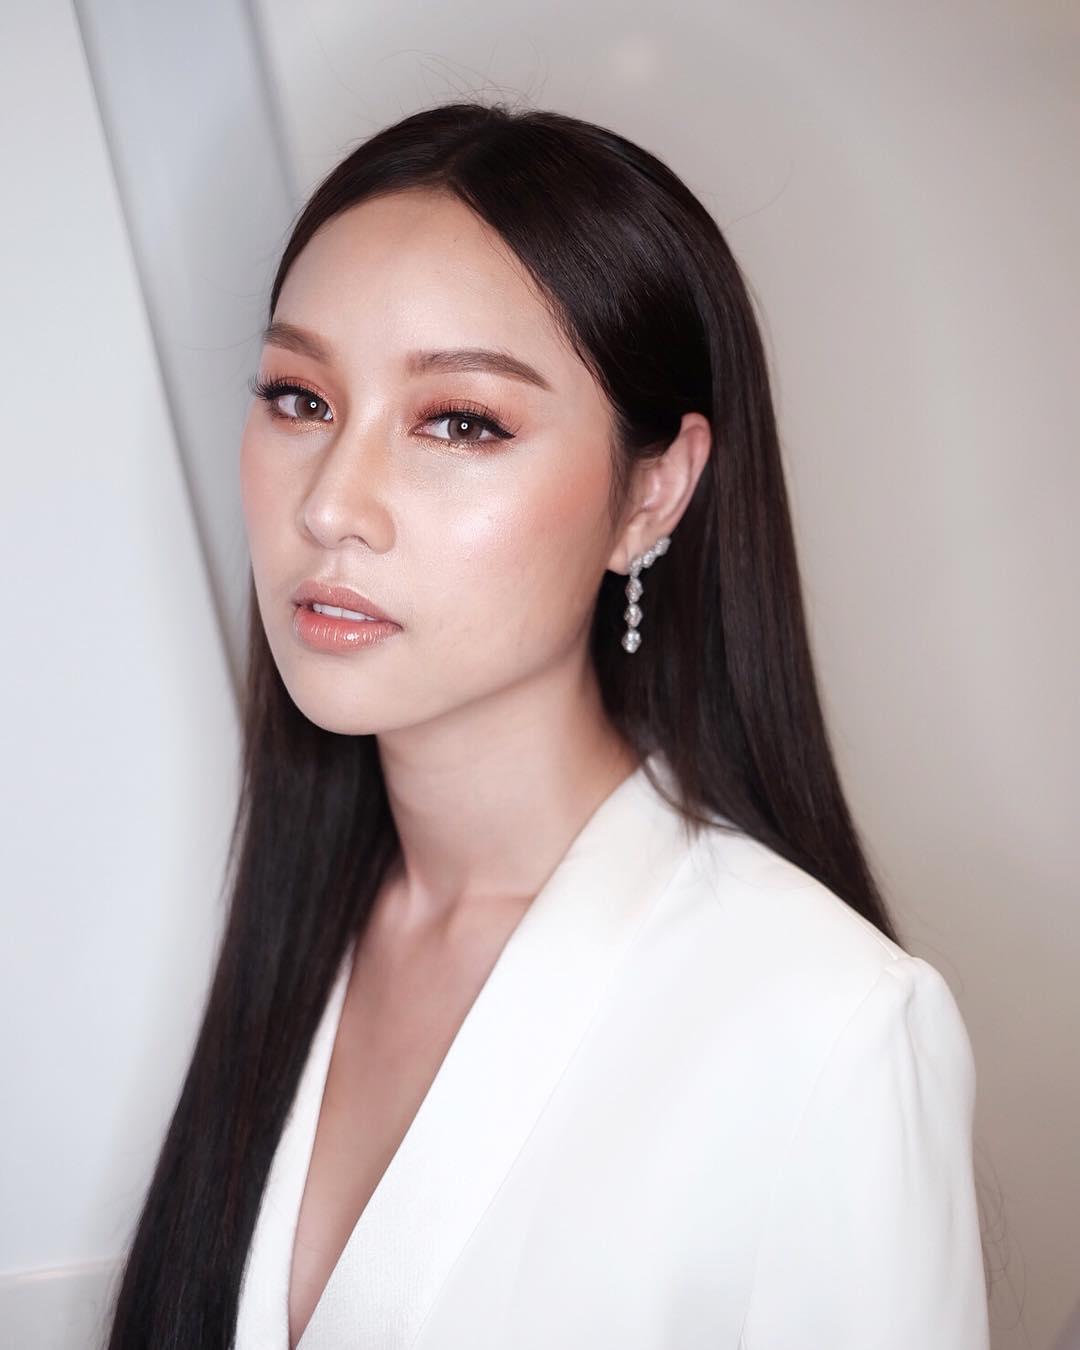 Beautiful Face Girl Facebook Profile